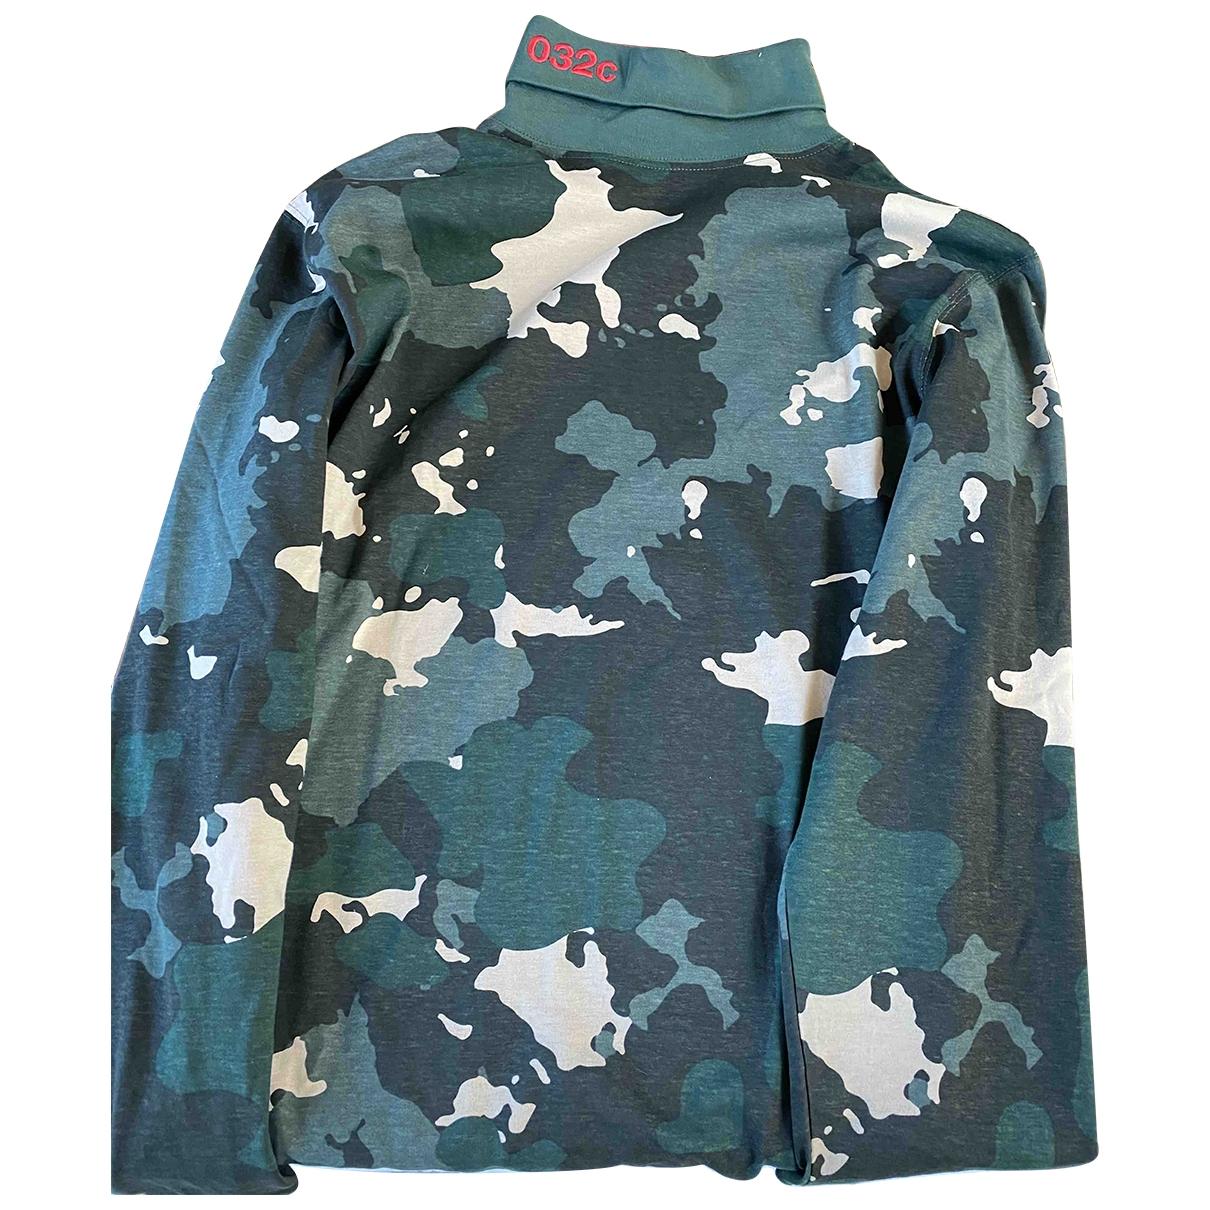 032c \N Pullover.Westen.Sweatshirts  in  Gruen Baumwolle